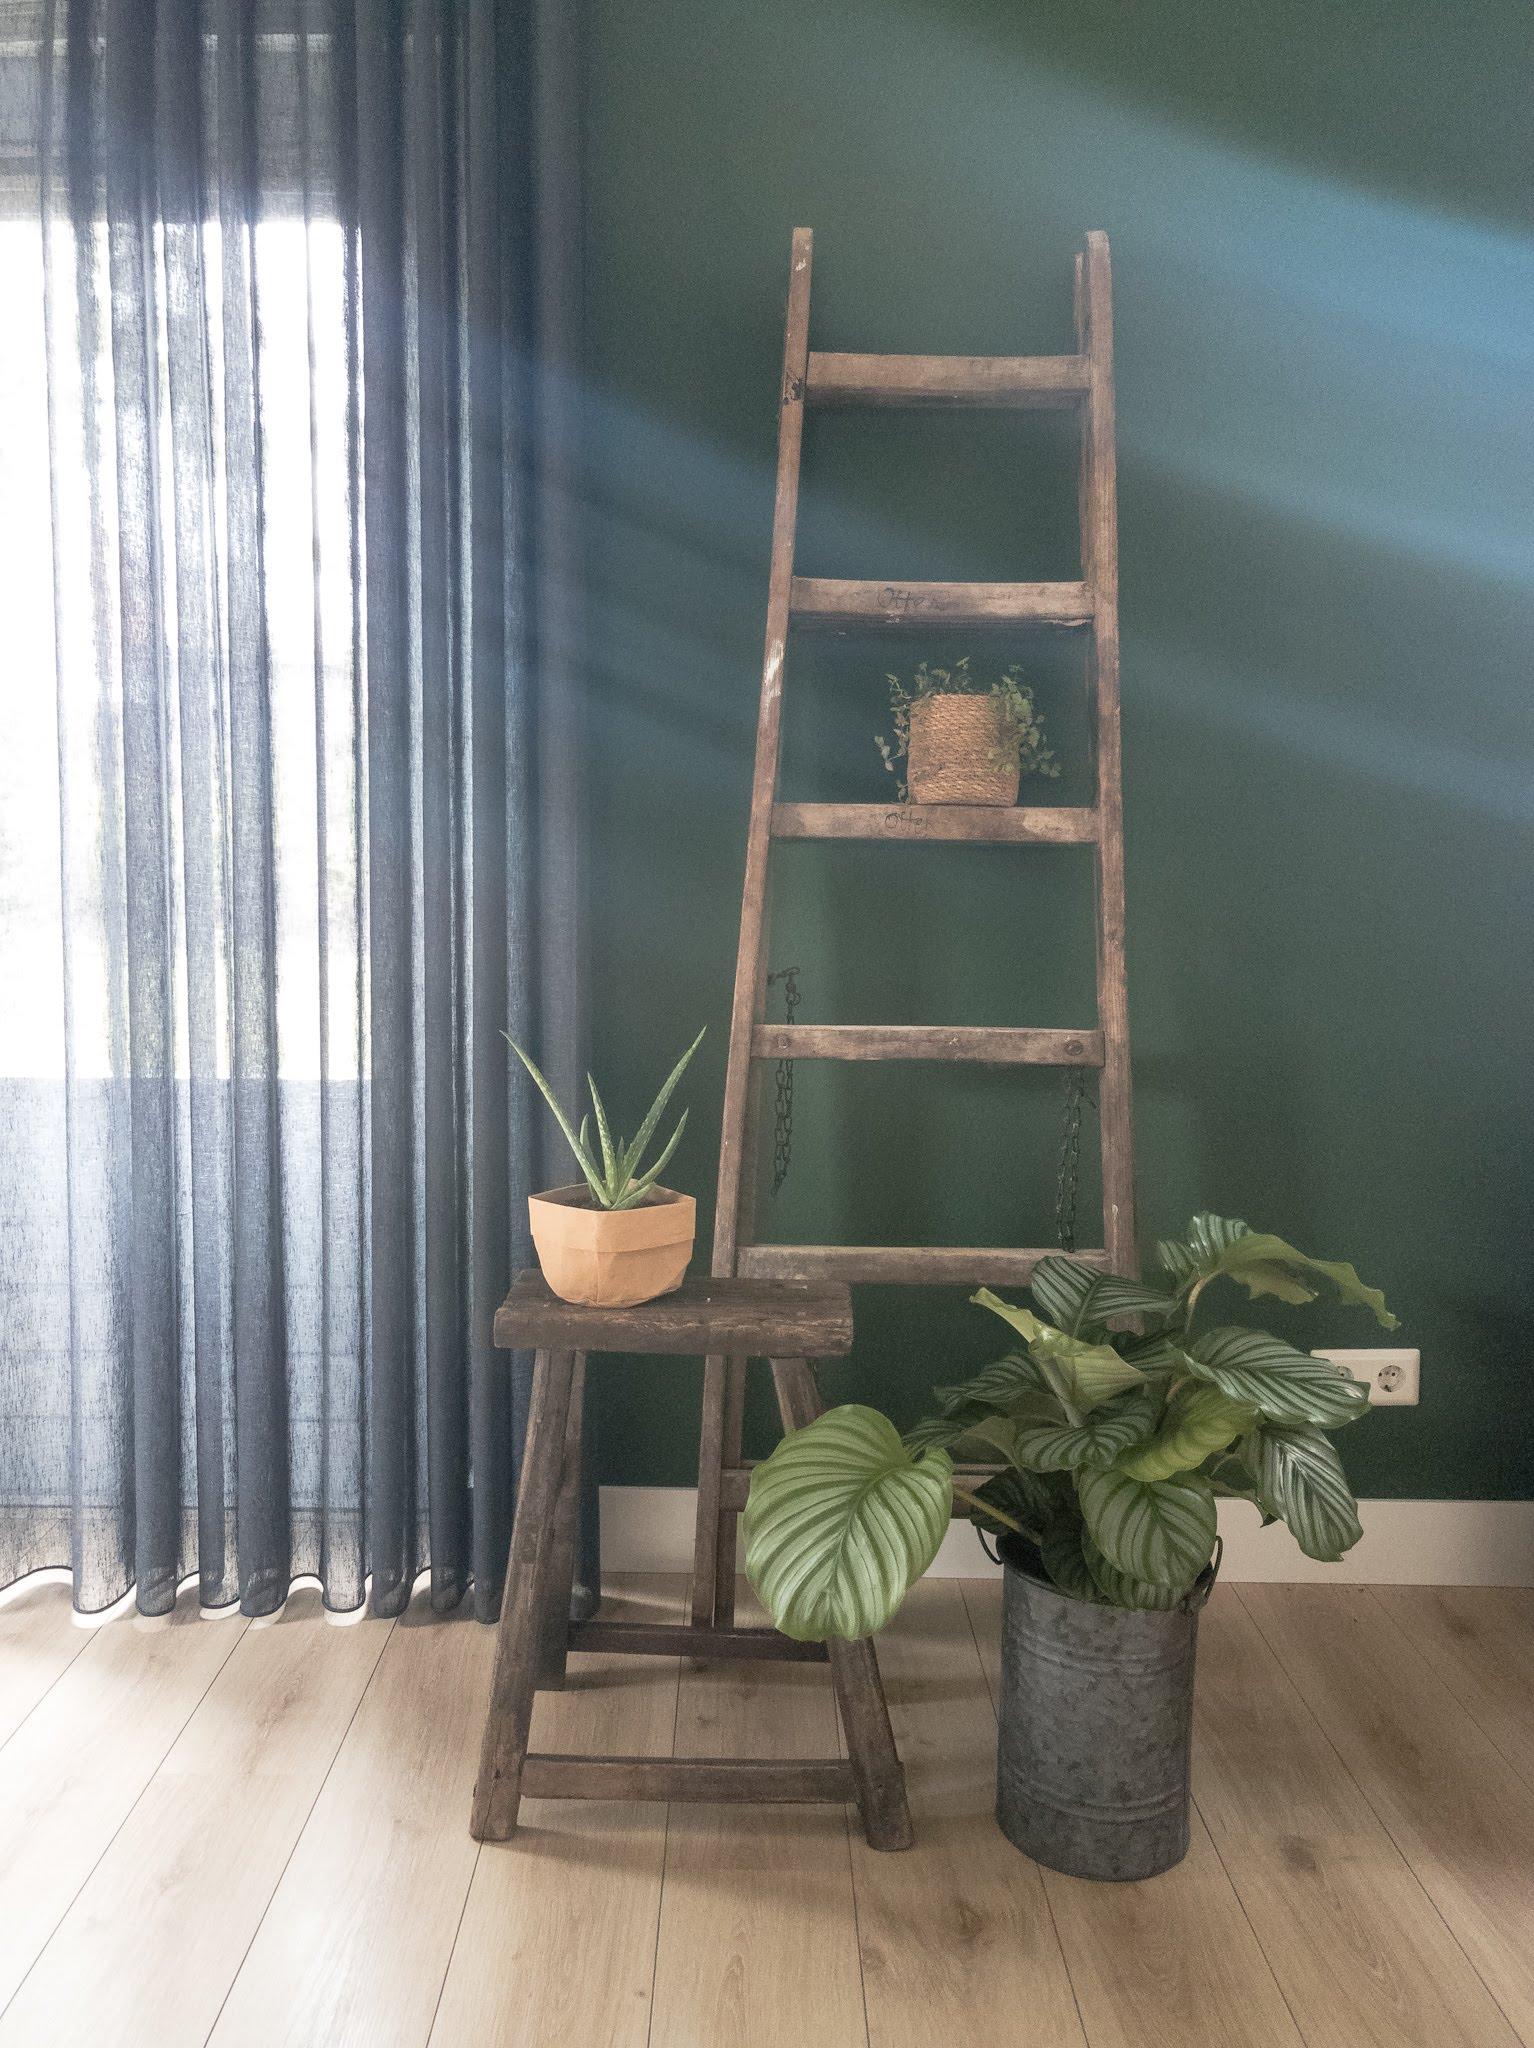 Portfolio interieur foto's woonkamer eethoek groen cognac stoer (3)